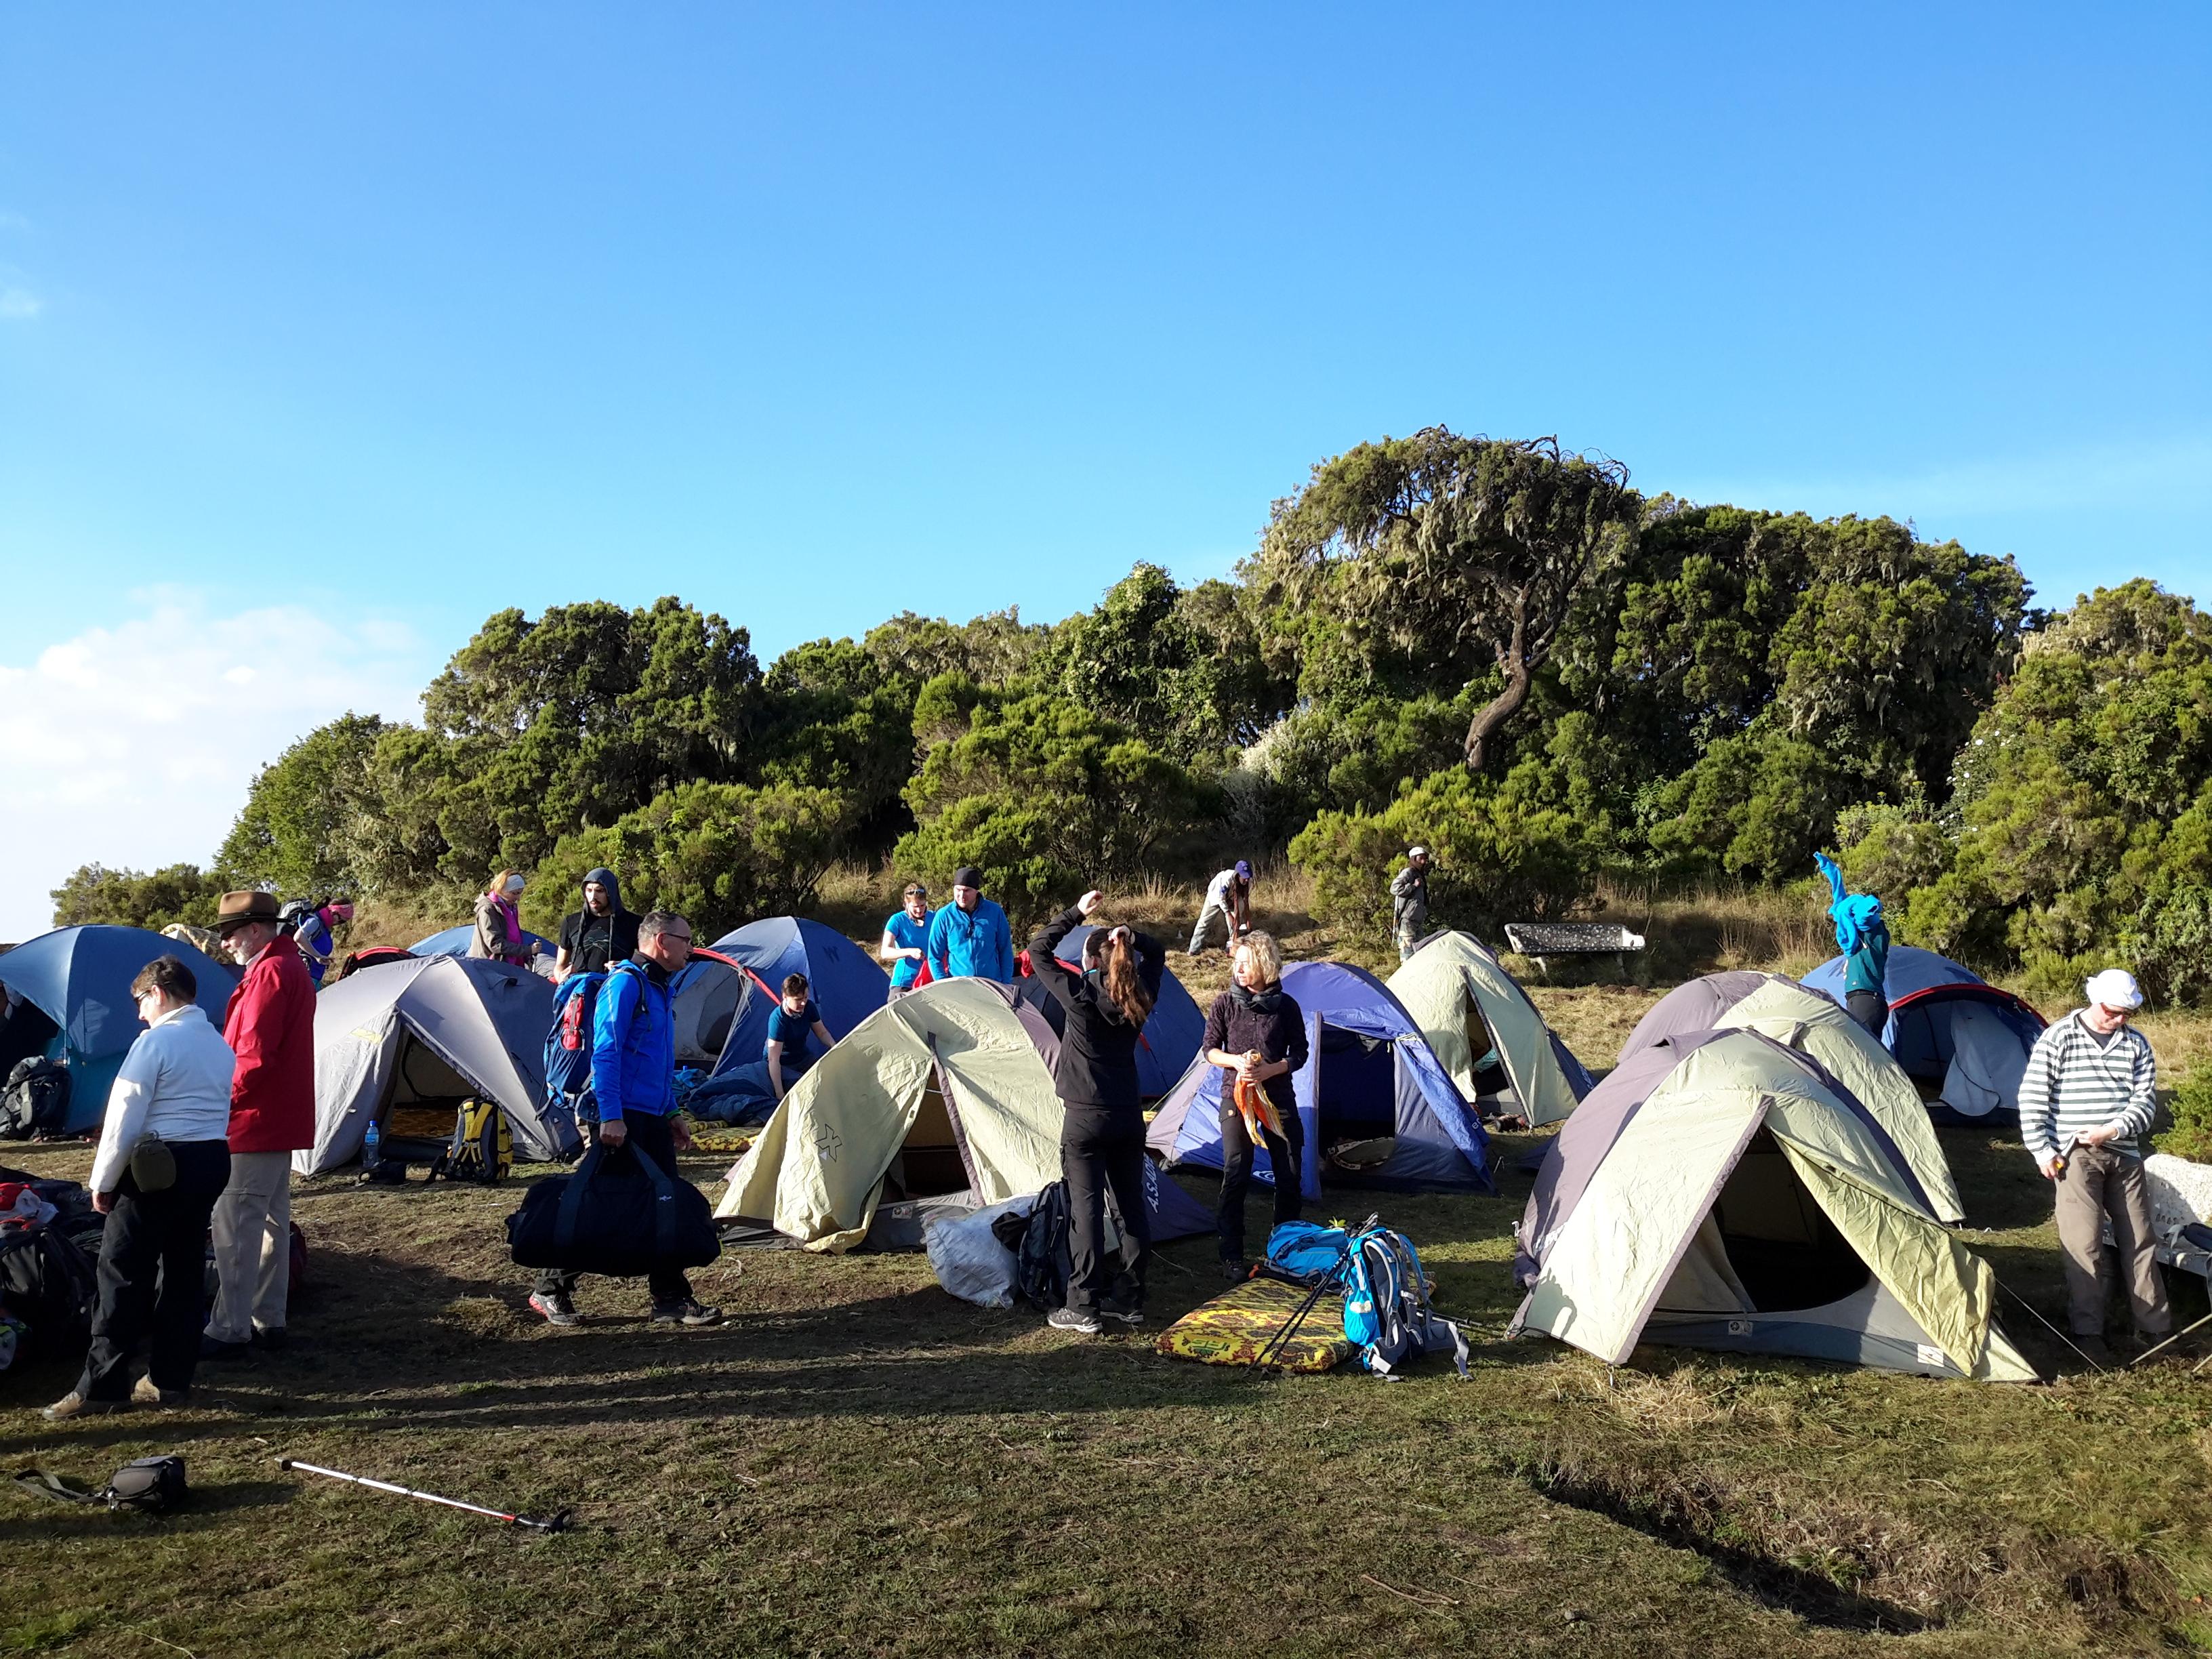 Geech campsite